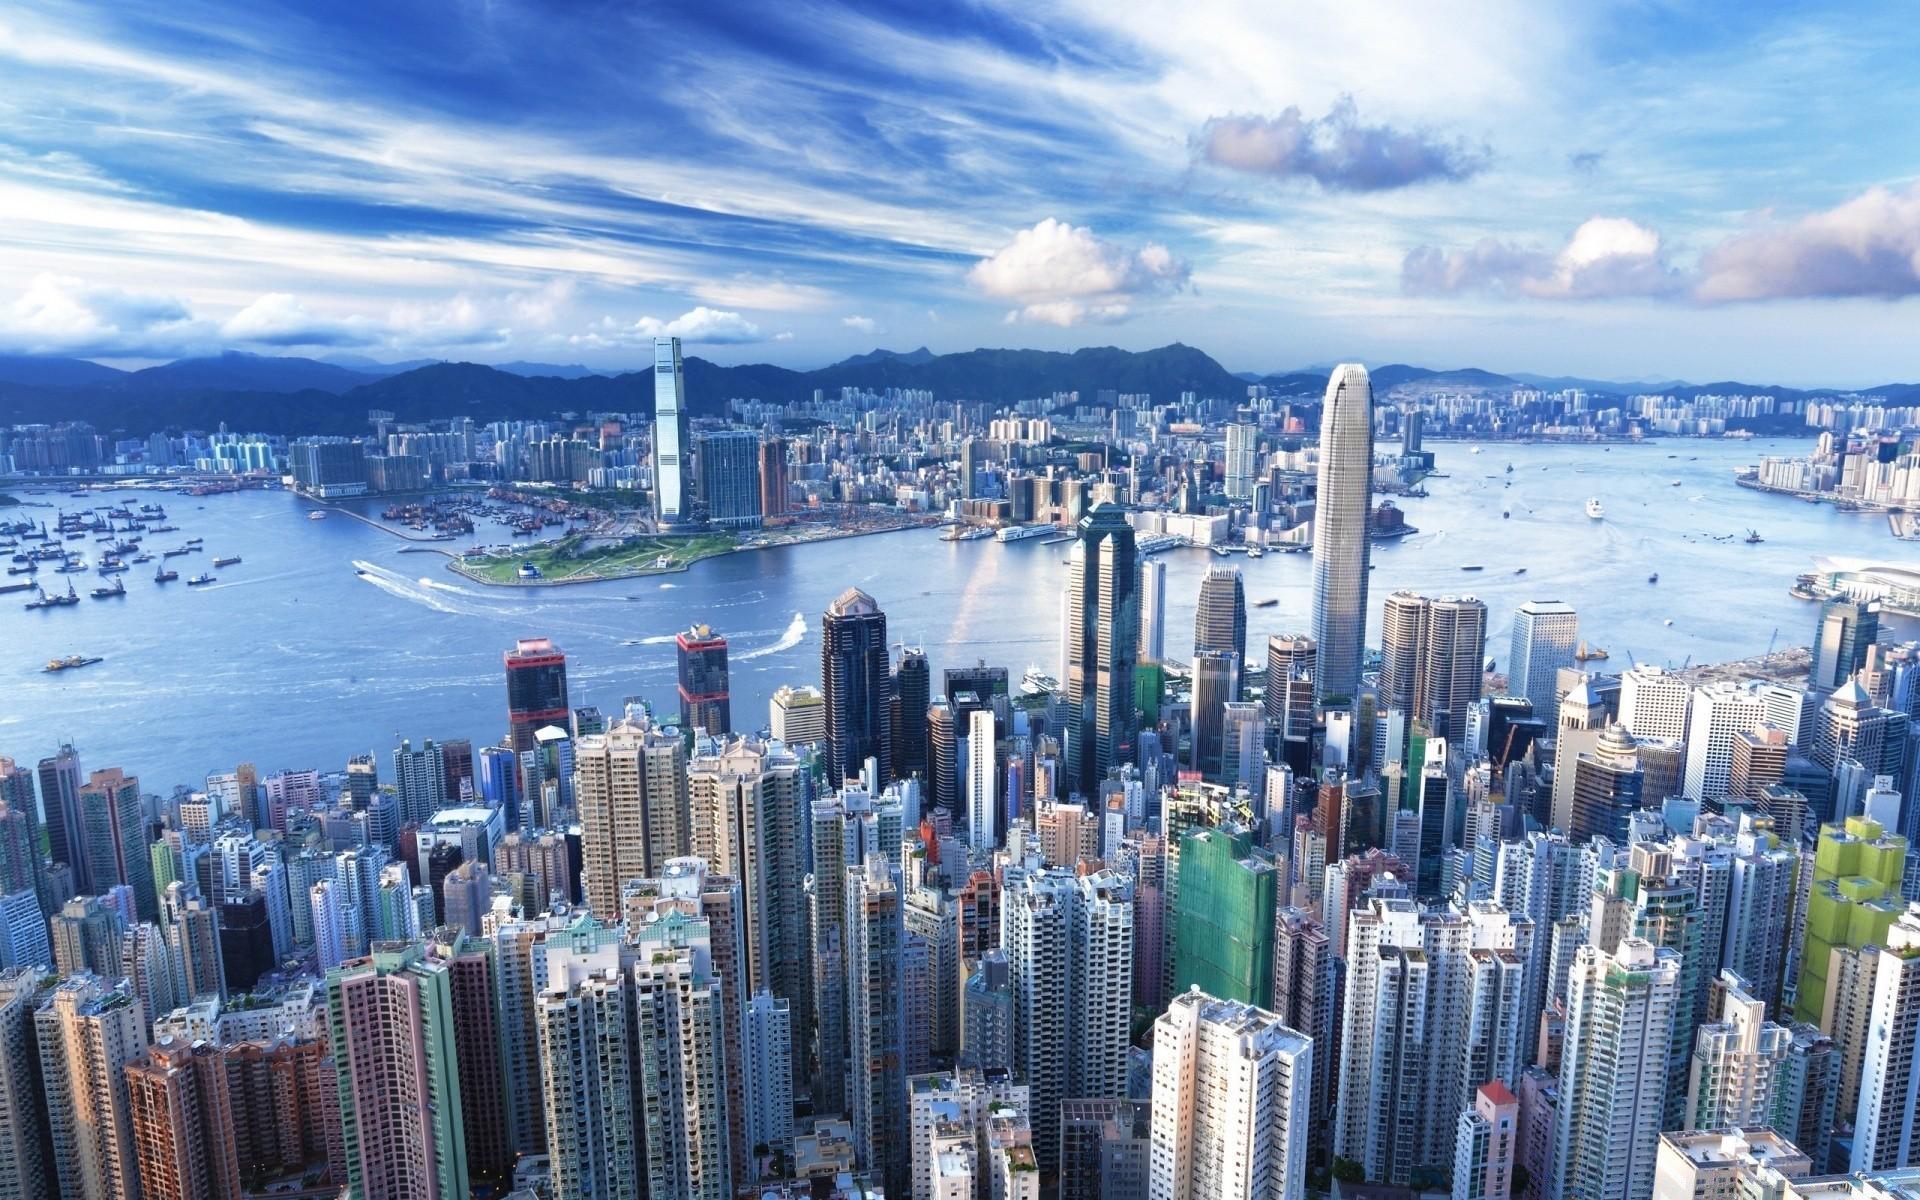 Картинки городов мира высокого разрешения